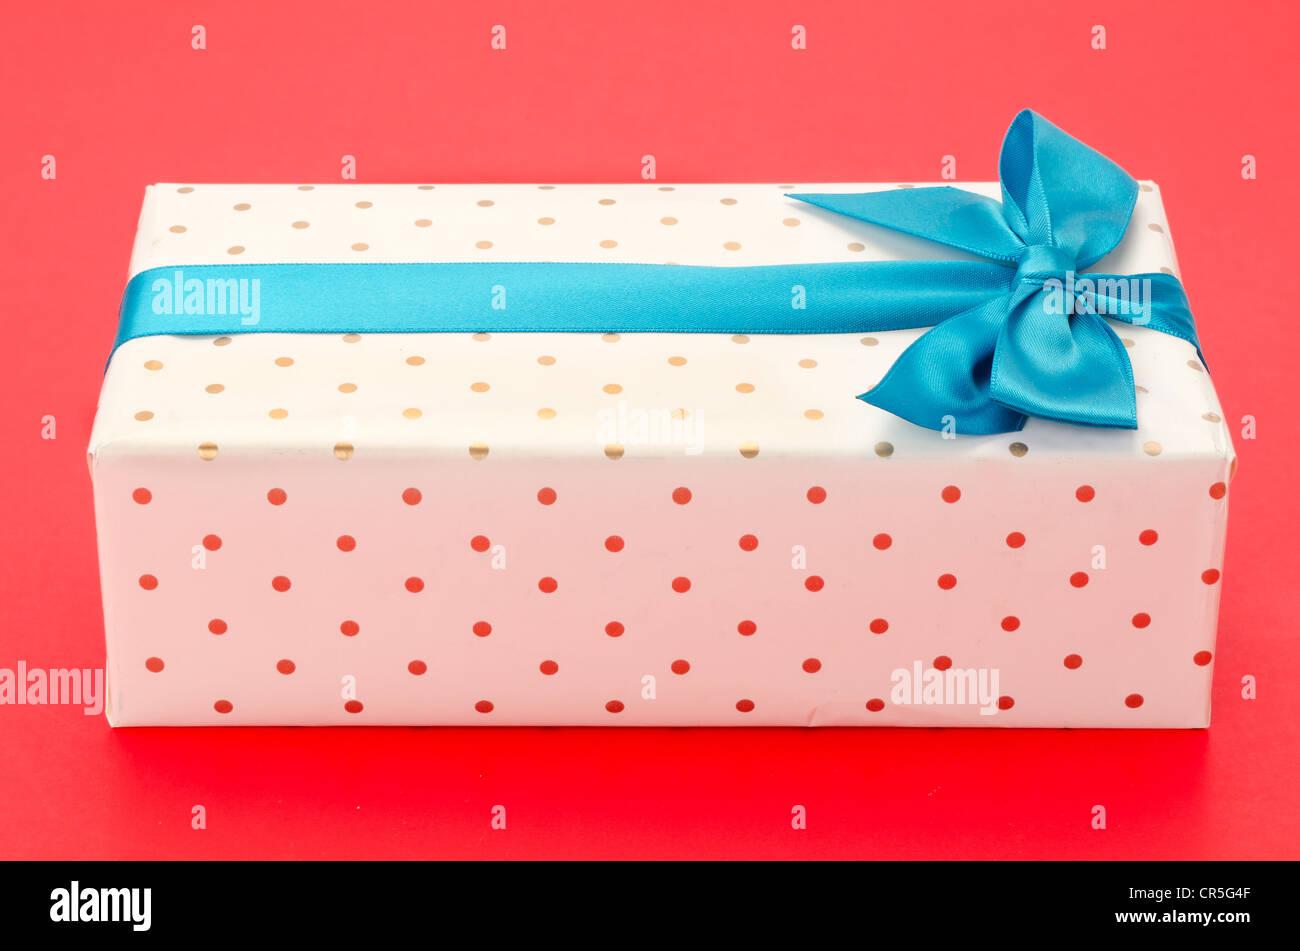 Envoltorio de regalo caja con un lazo azul y bow - Disparo en el estudio con un fondo rojo. Imagen De Stock